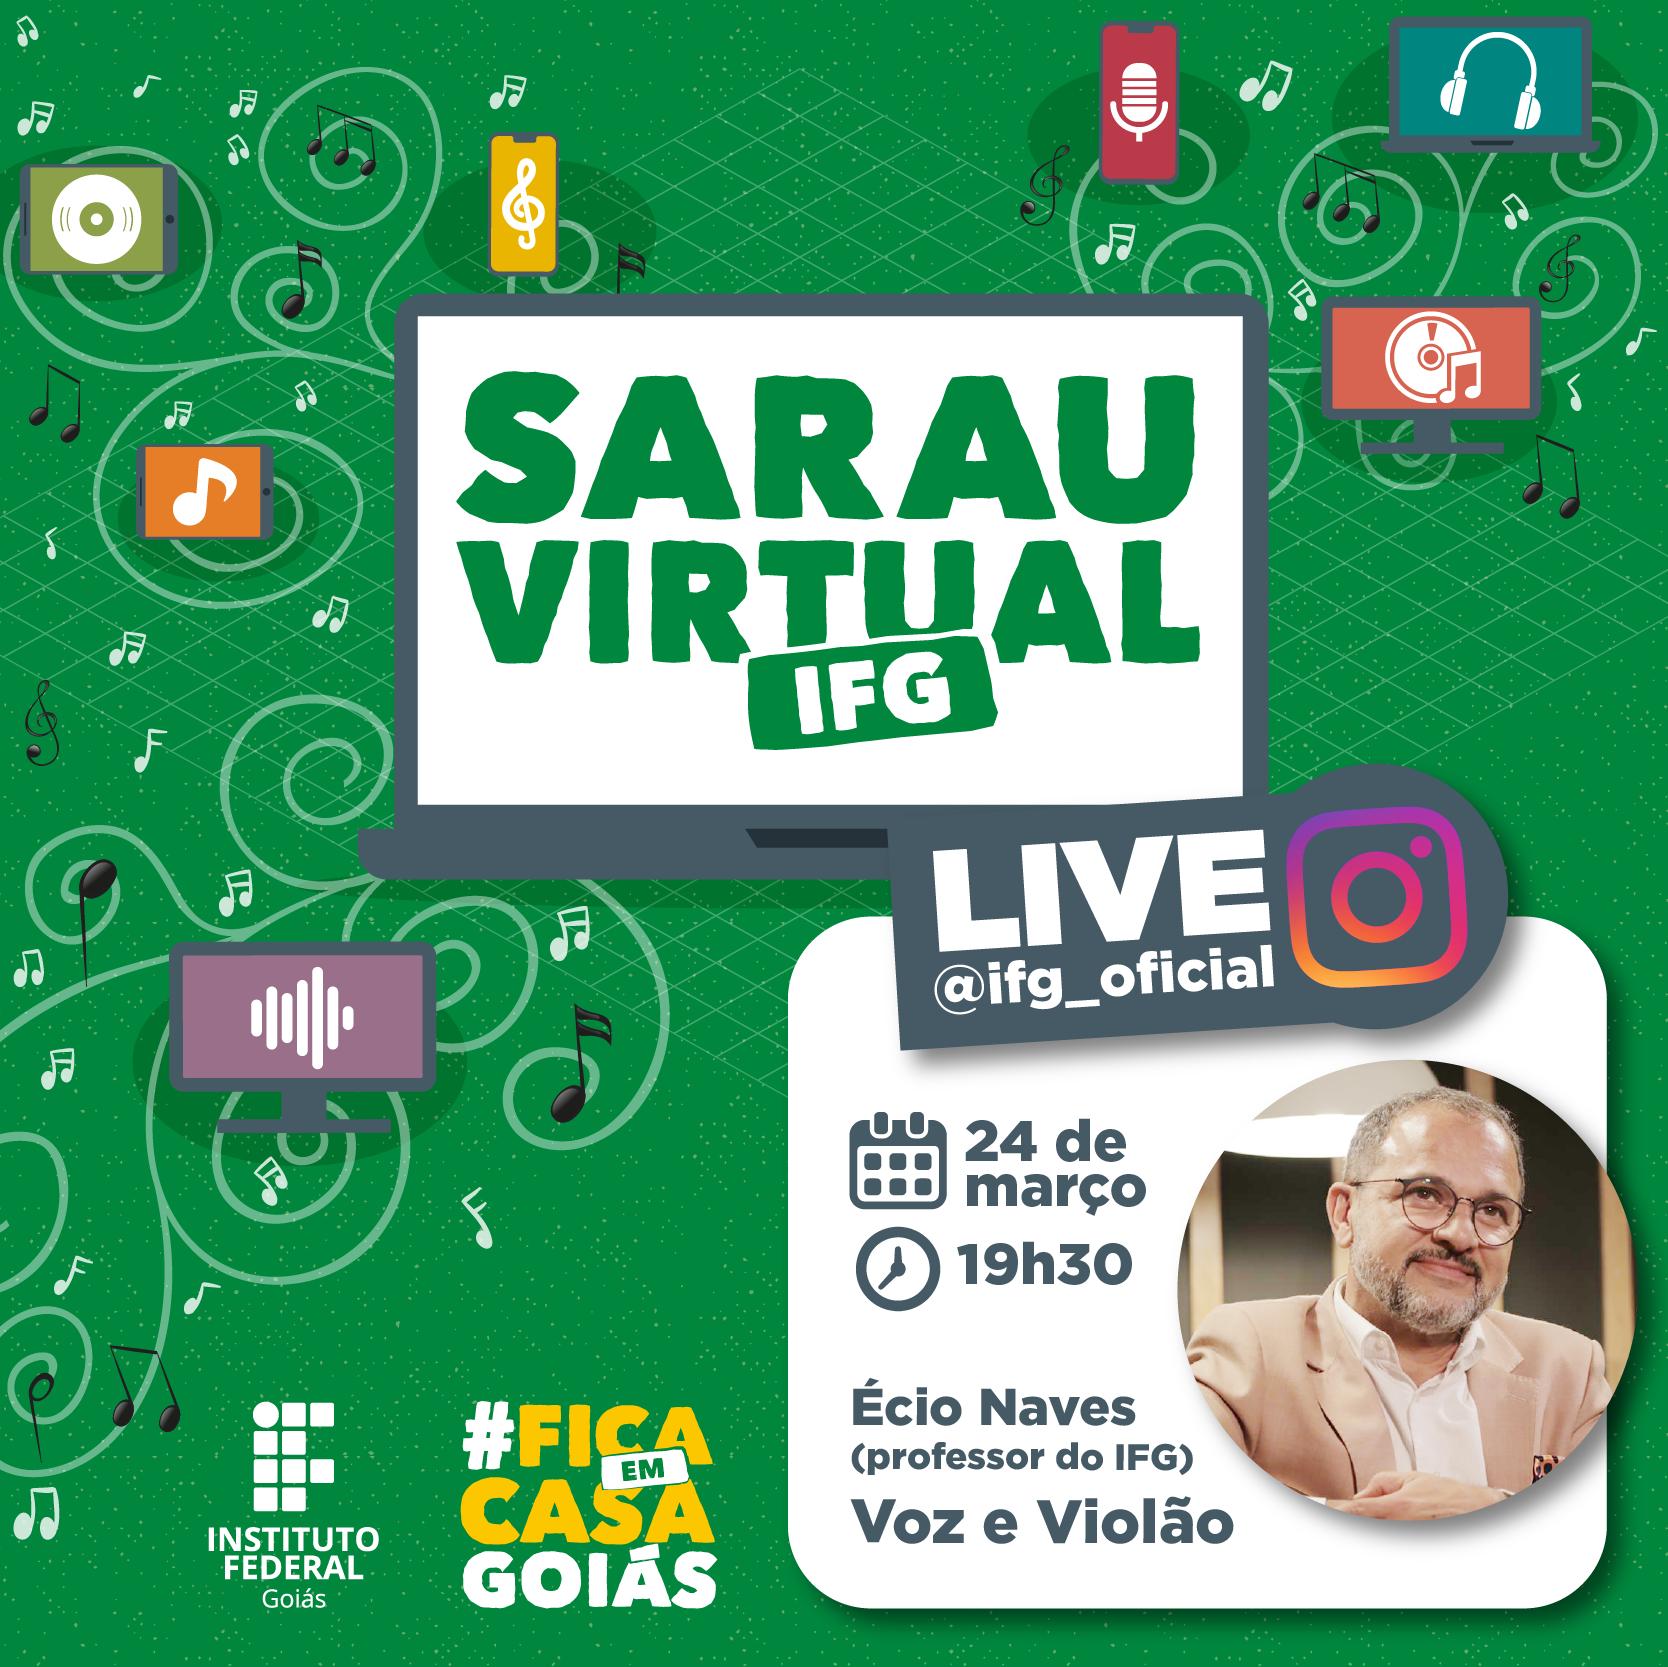 A 1ª Edição do Sarau Virtual IFG terá Écio Naves como convidado